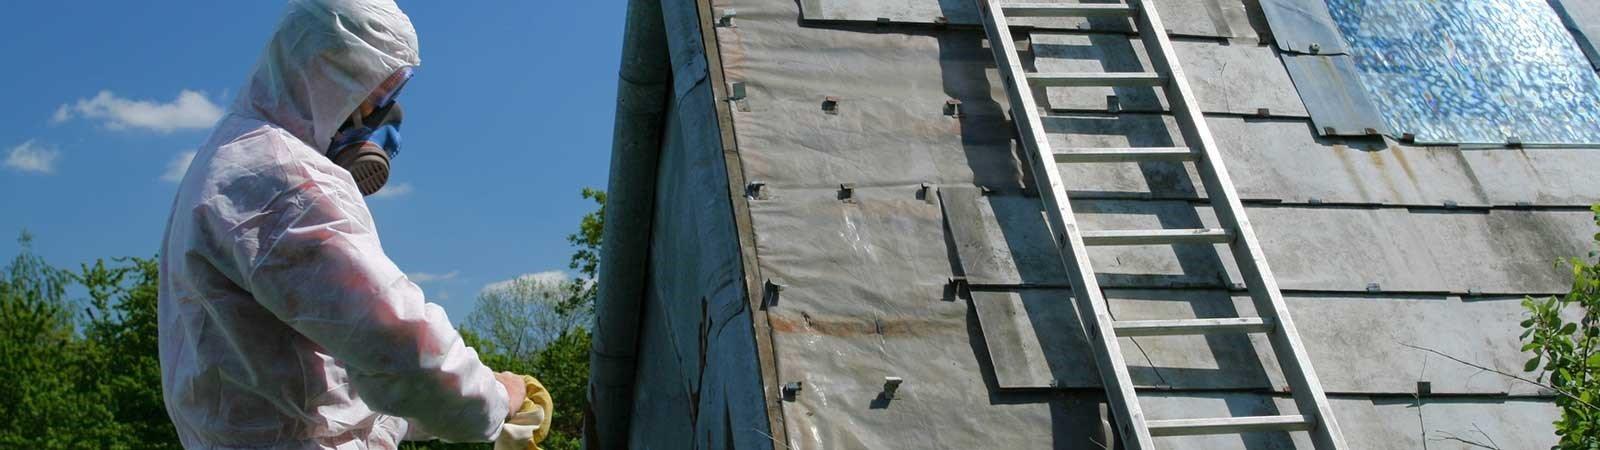 Asbest Entsorgung: Was sind Ihre Pflichten und wie hoch sind die Kosten